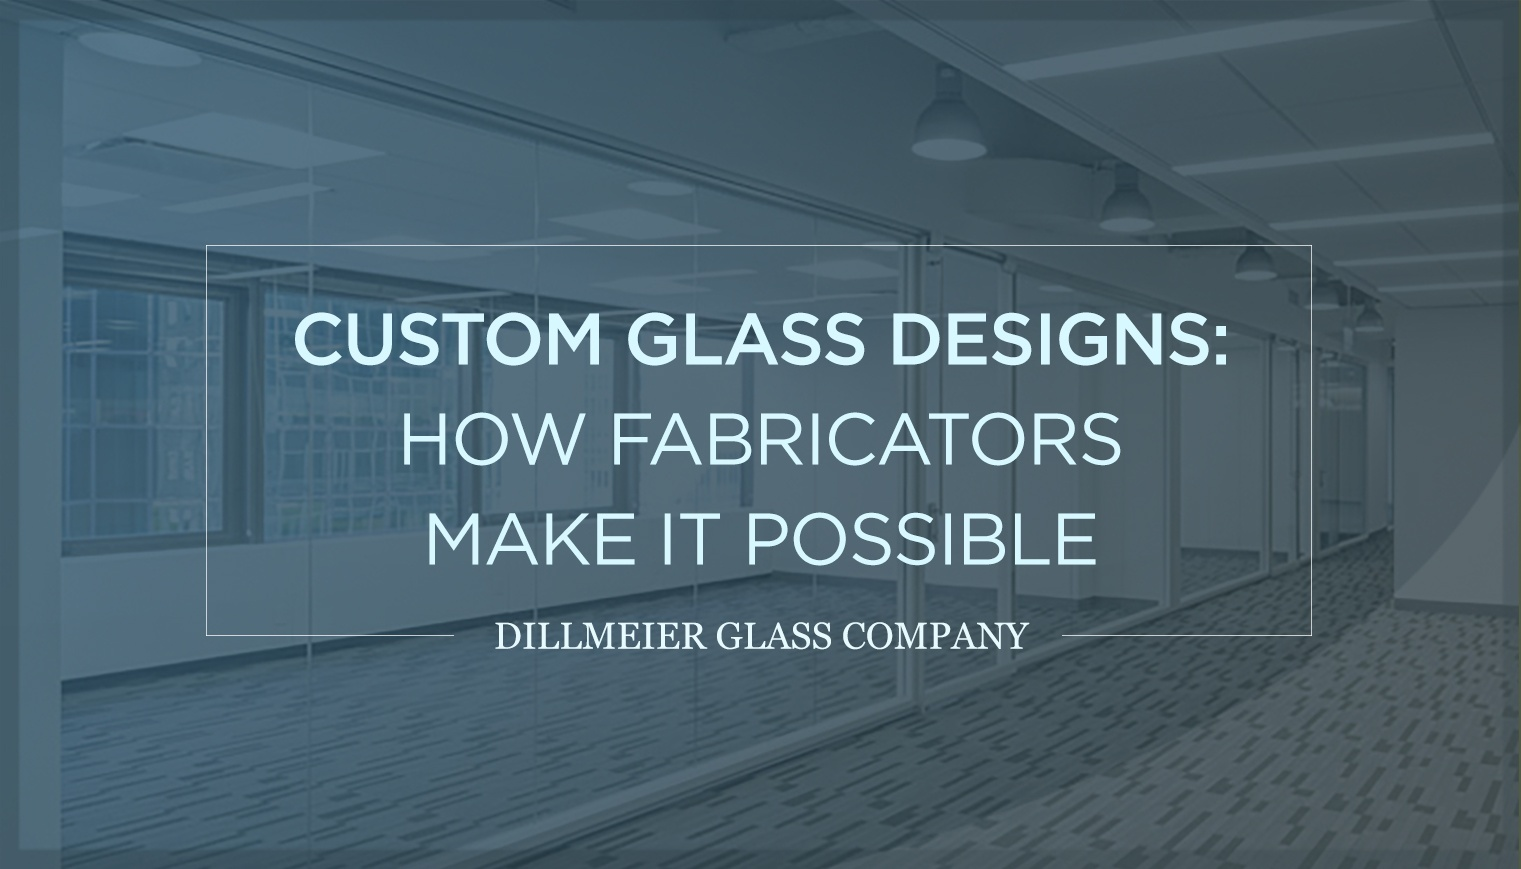 Custom Glass Designs: How Fabricators Make It Possible